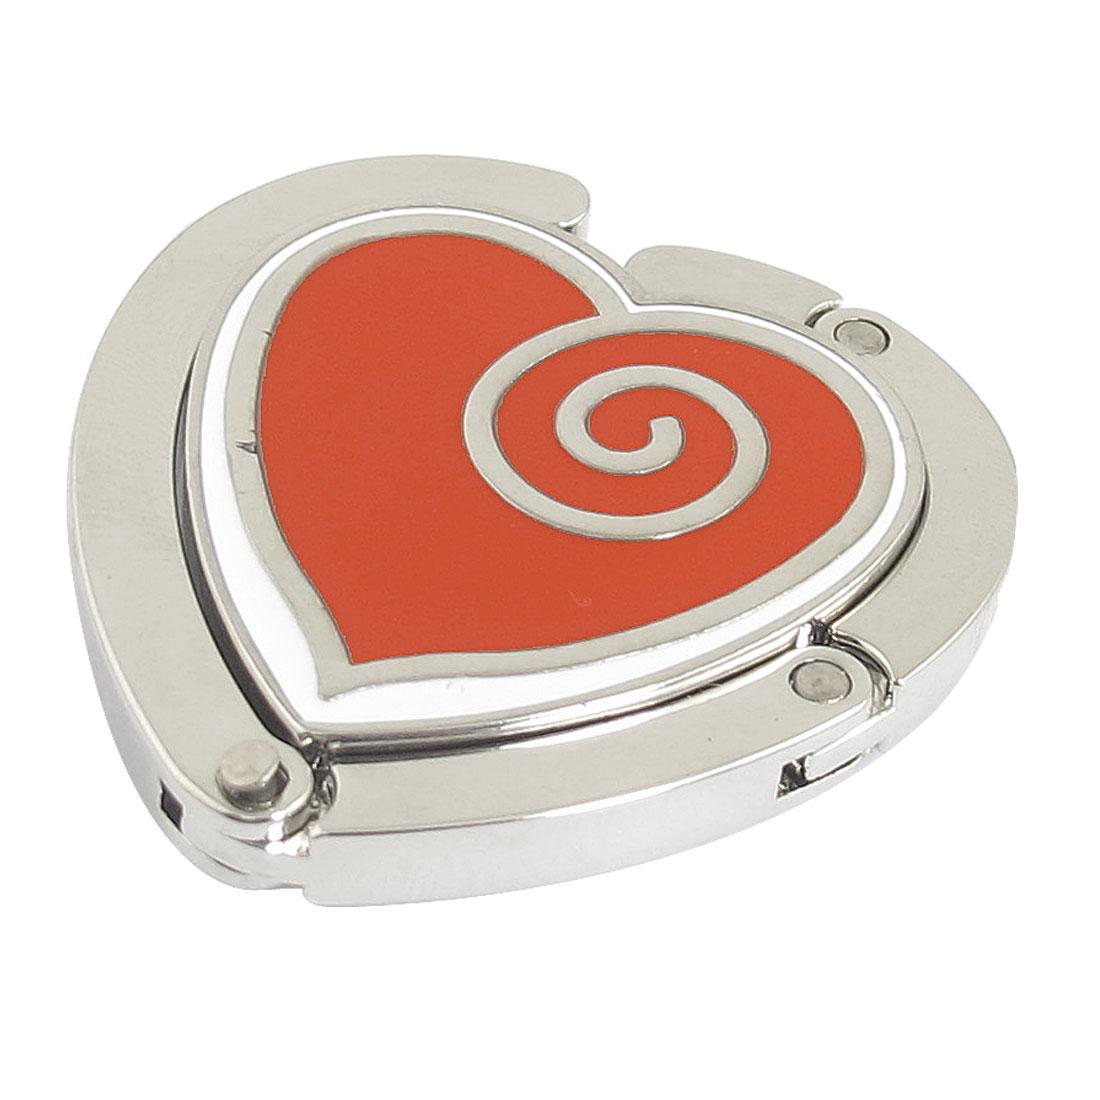 Heart Shaped Silver Tone Metal Magnetic Foldable Handbag Hook